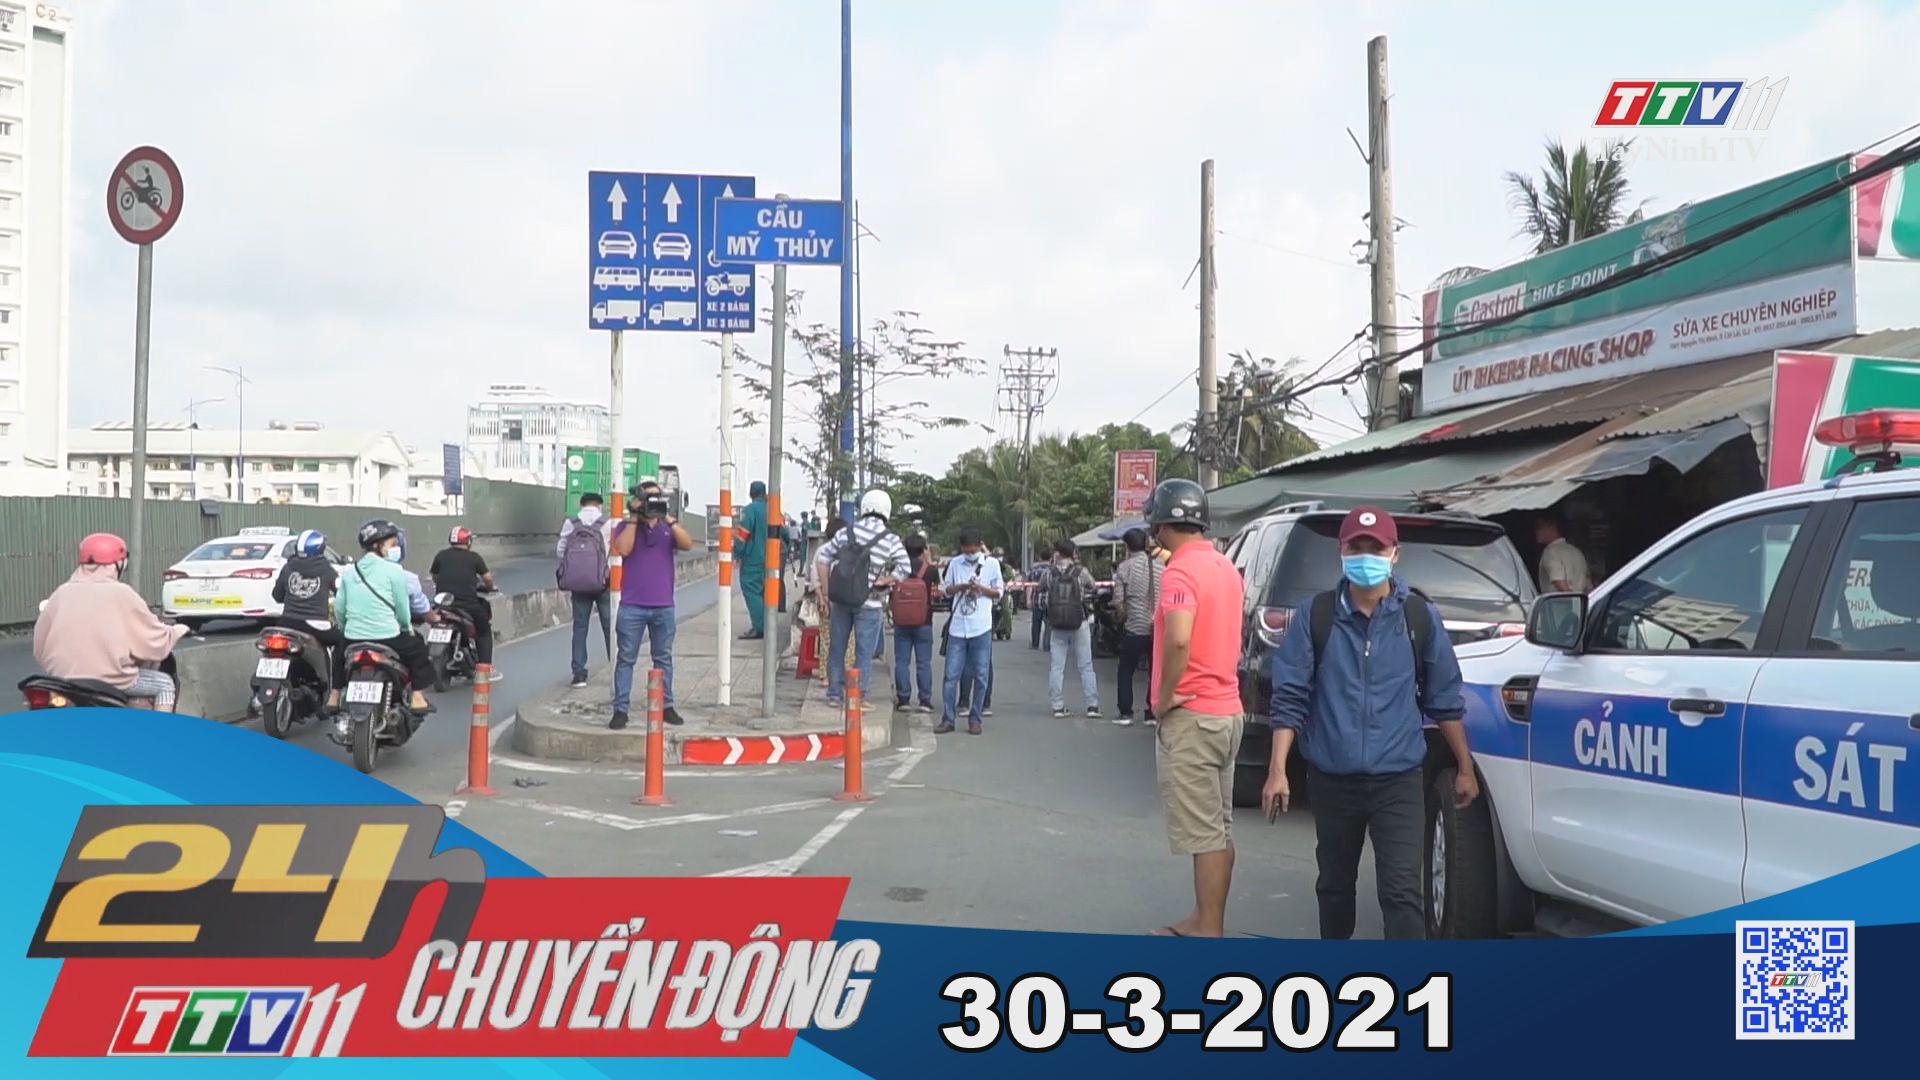 24h Chuyển động 30-3-2021 | Tin tức hôm nay | TayNinhTV